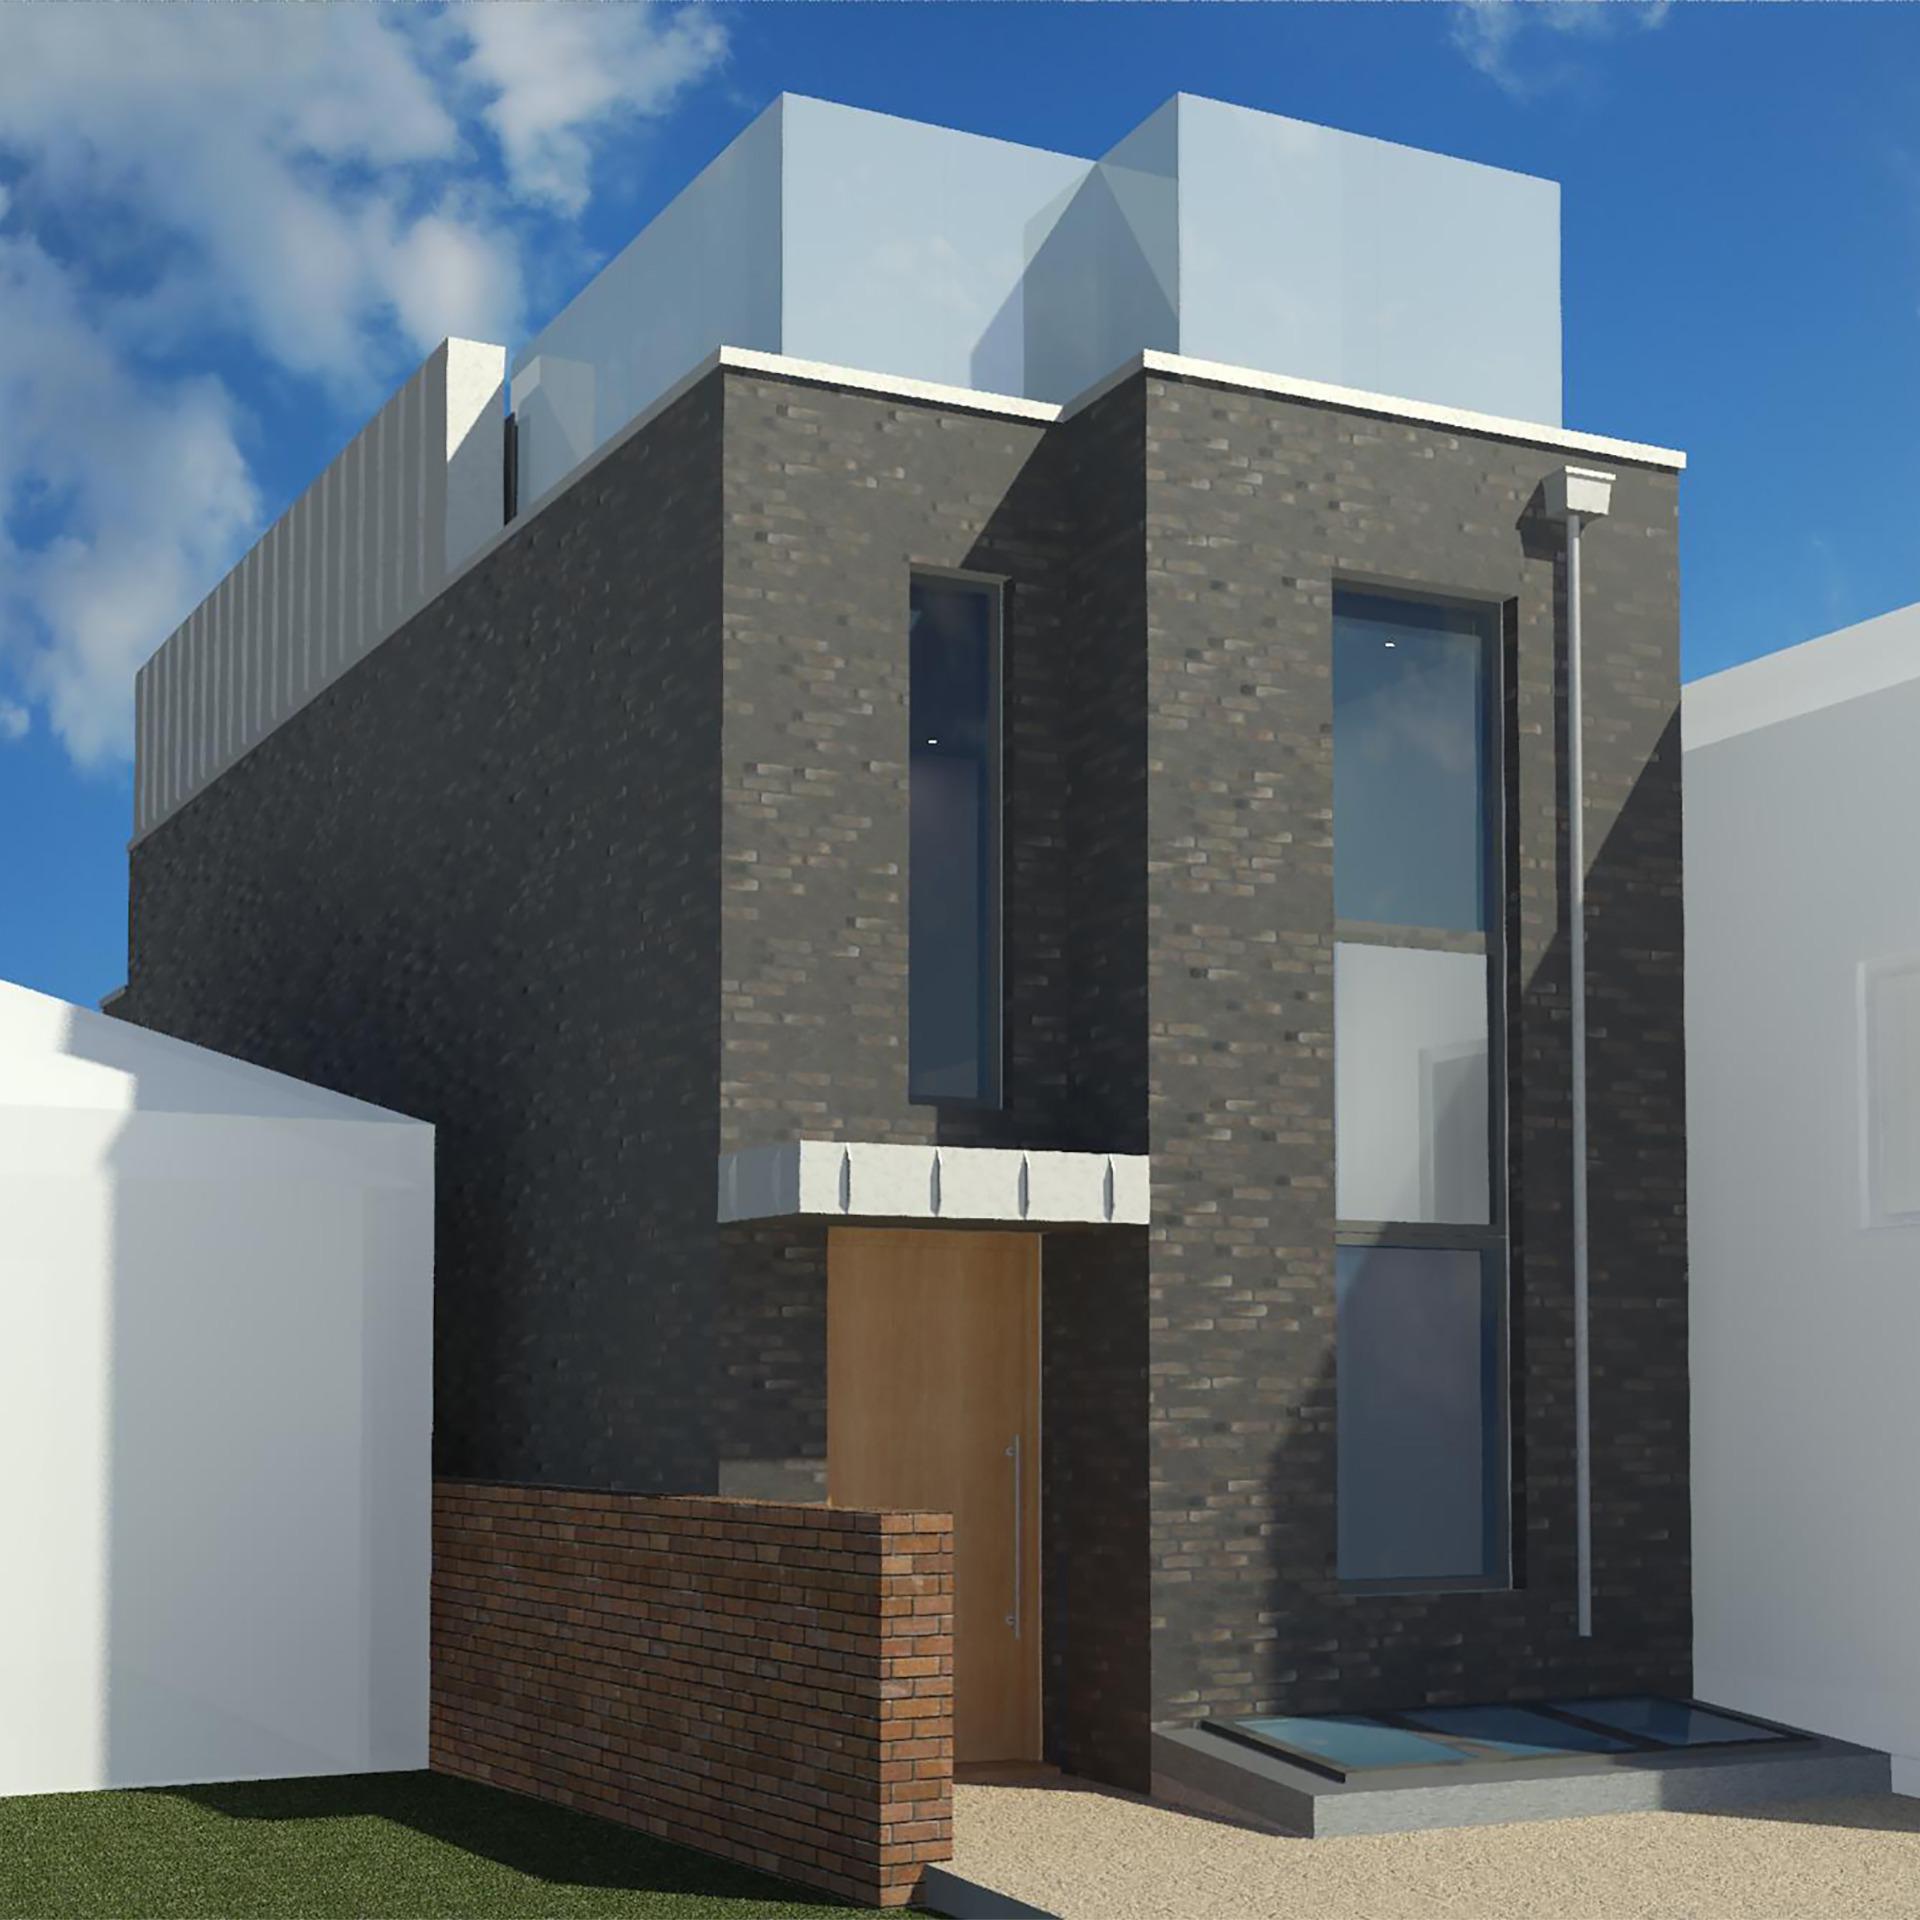 BIM 3D Modelling - E2 Architecture